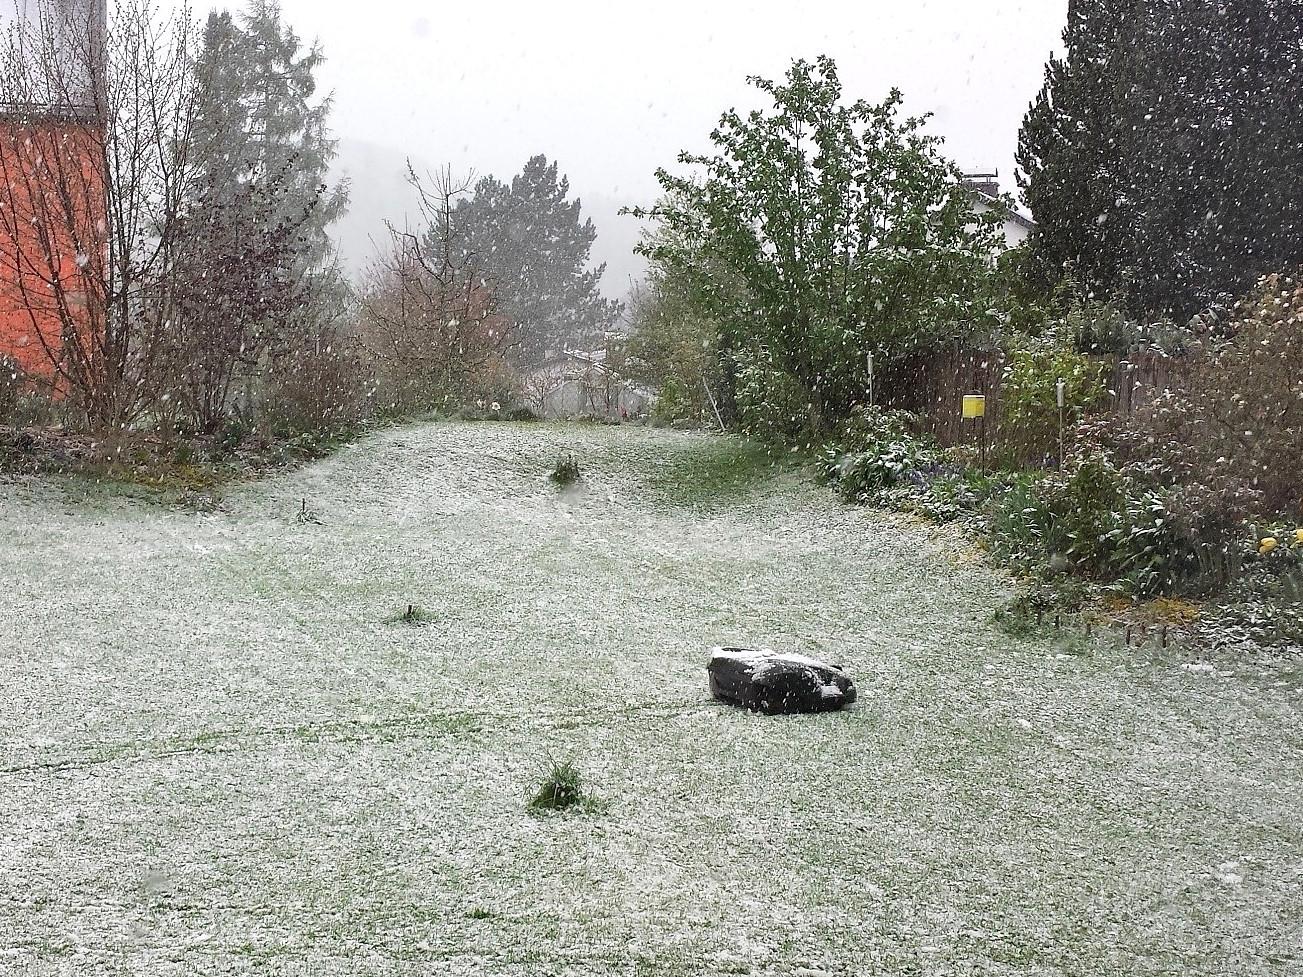 Automower im Schnee